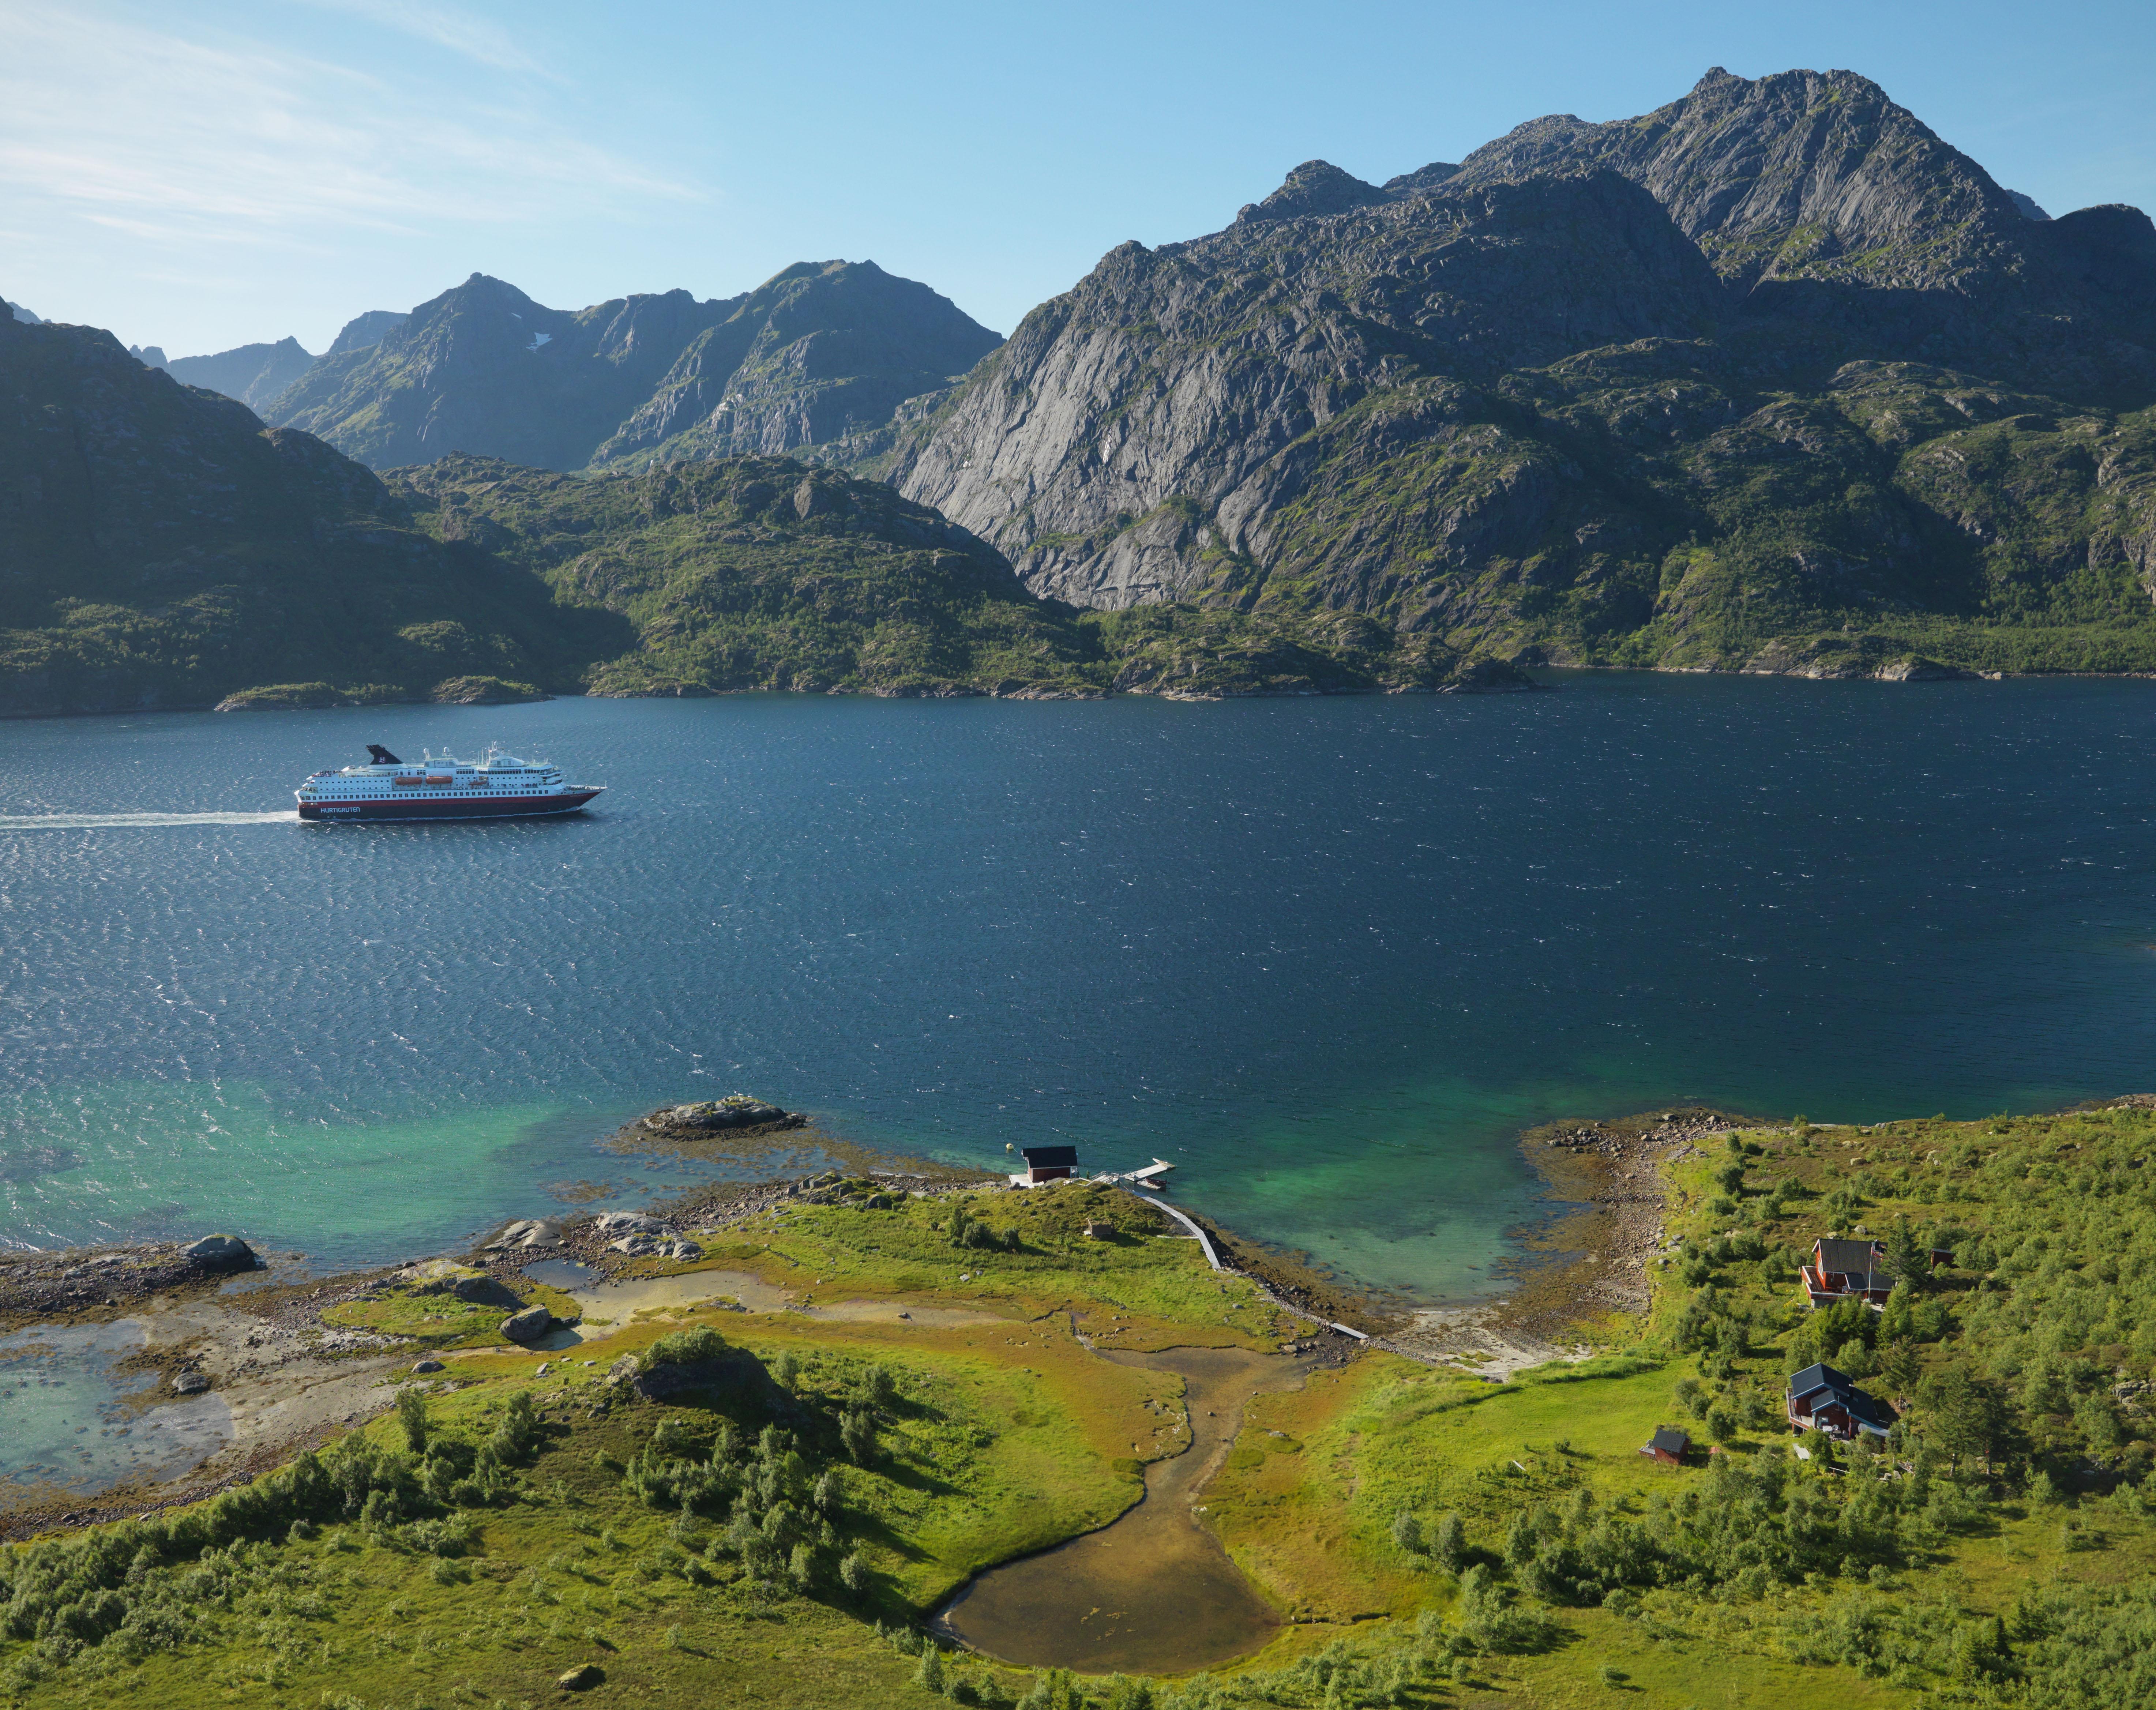 L'Express Côtier : depuis 120 ans il assure en toutes saisons  la ligne des fjords norvégiens.